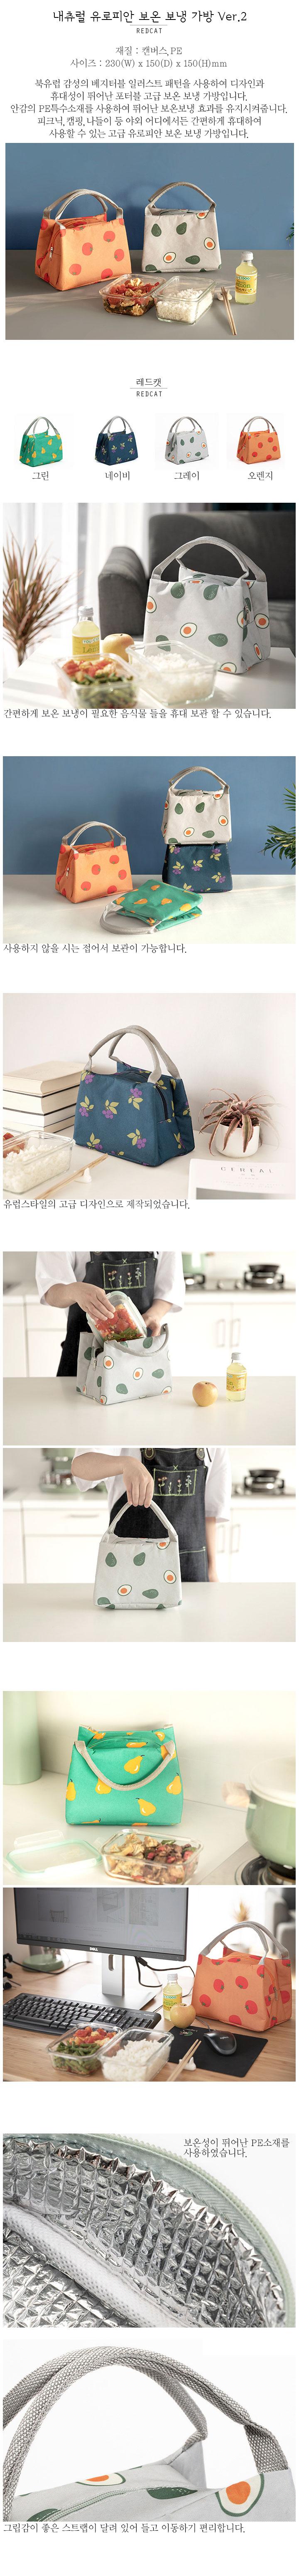 내츄럴 유러피안 보온 보냉 가방 Ver.2 - 네코리빙, 6,320원, 가방/수납, 보온/보냉가방